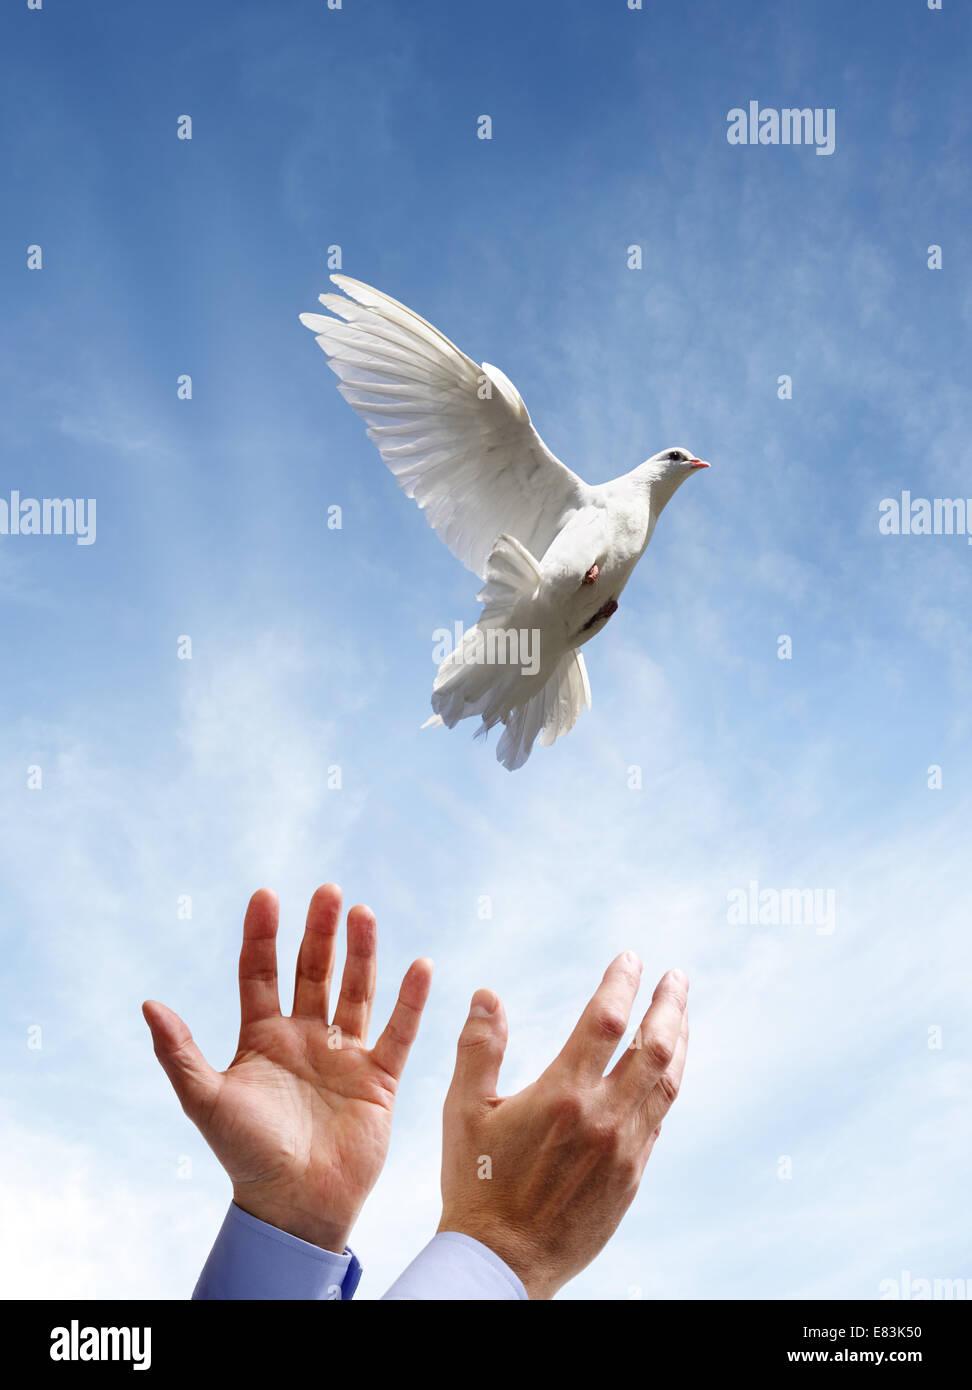 La libertad, la paz y espiritualidad Imagen De Stock